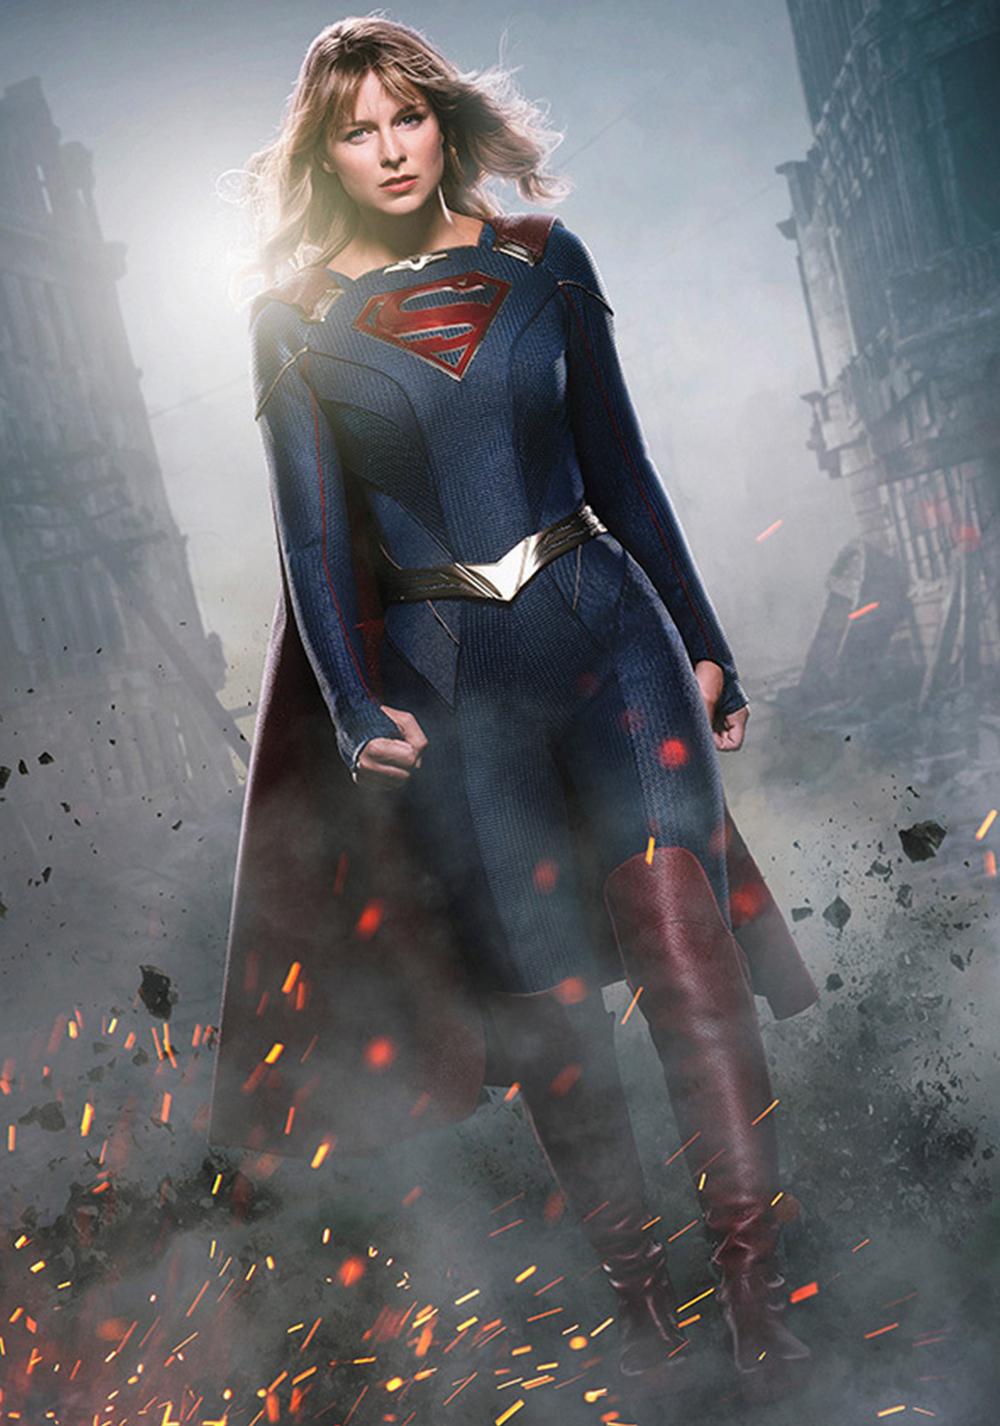 Kara Zor-El/Kara Danvers/Supergirl (Melissa Benoist) en la temporada 5 de Supergirl. Imagen: fanart.tv